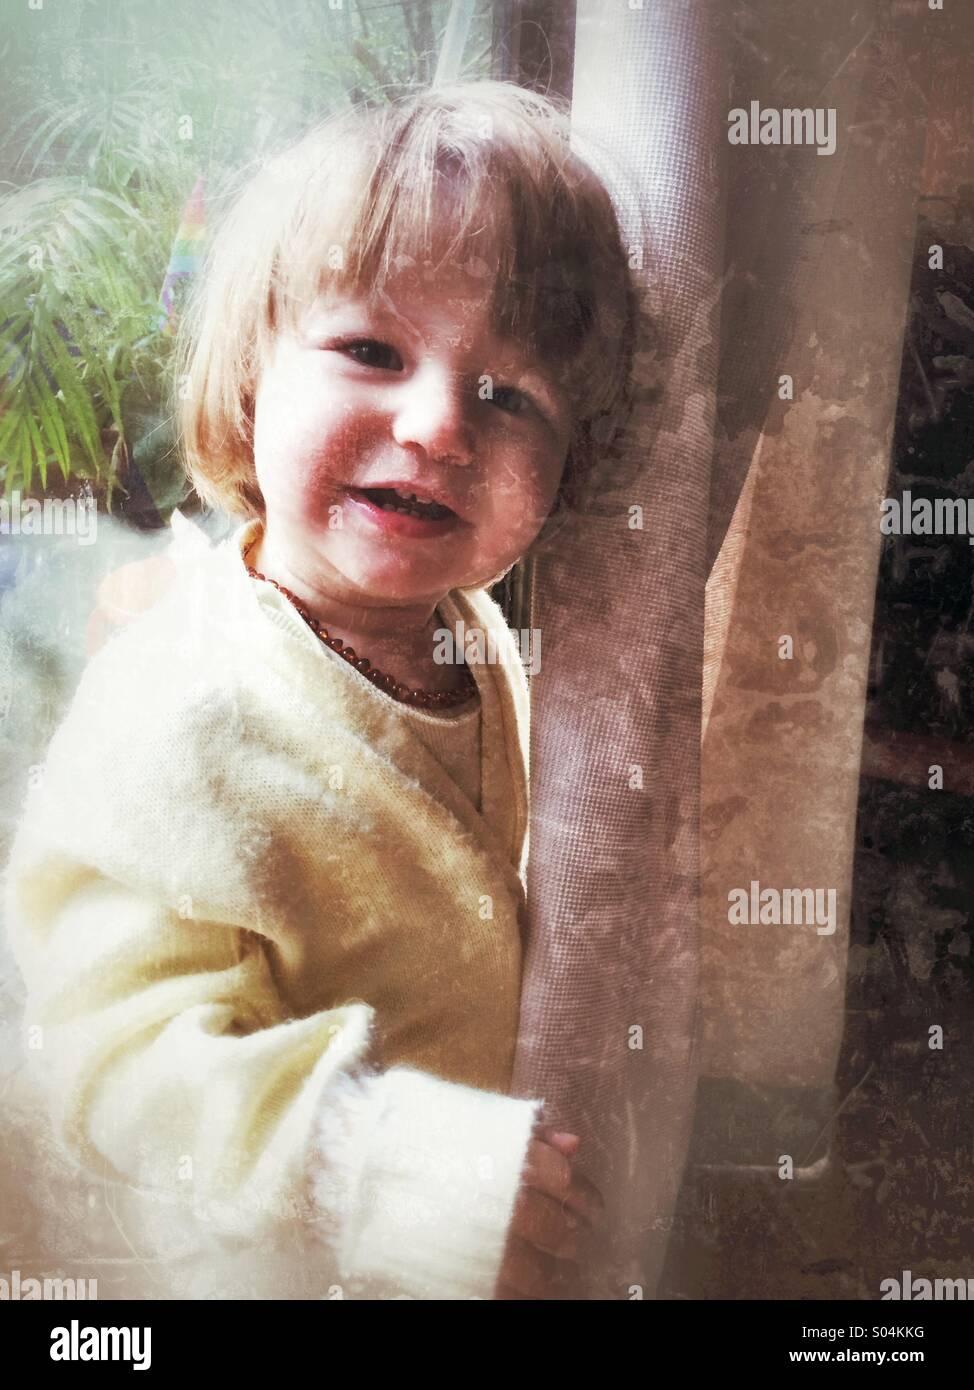 Kleinkind Mädchen Blick in die Kamera glücklich Stockbild